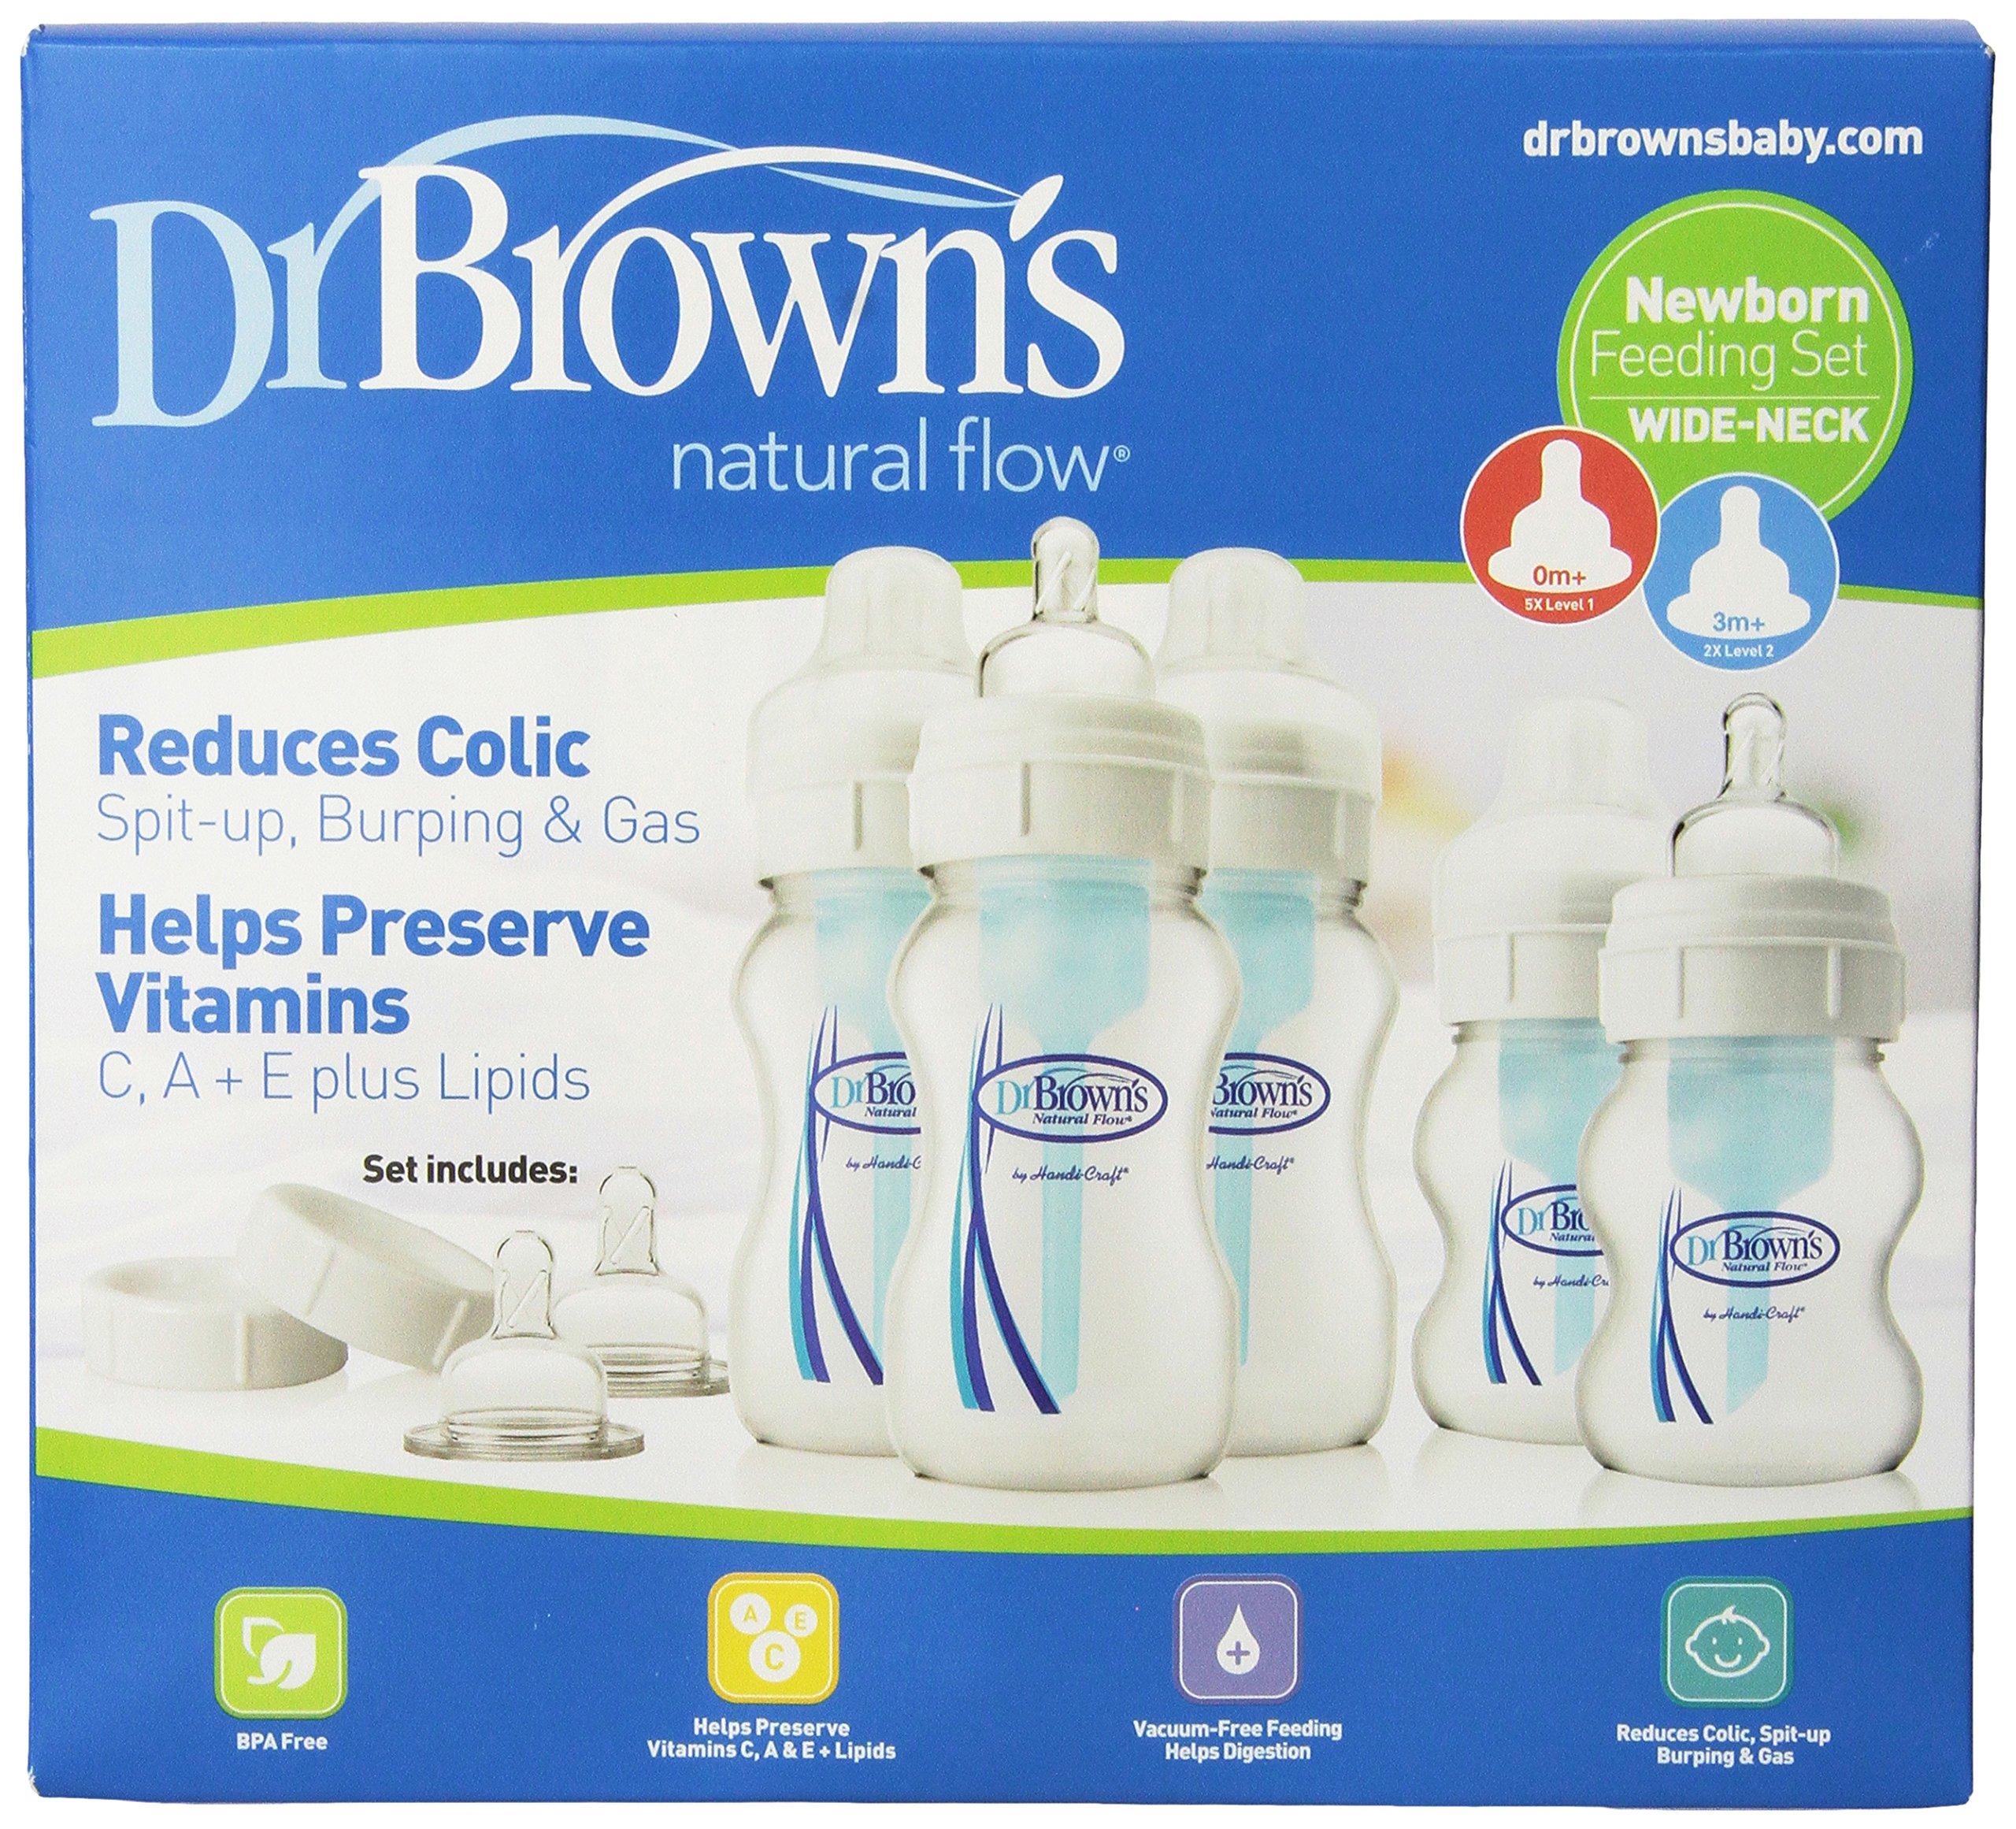 Dr. Brown's Original Wide-Neck Bottle Newborn Feeding Set